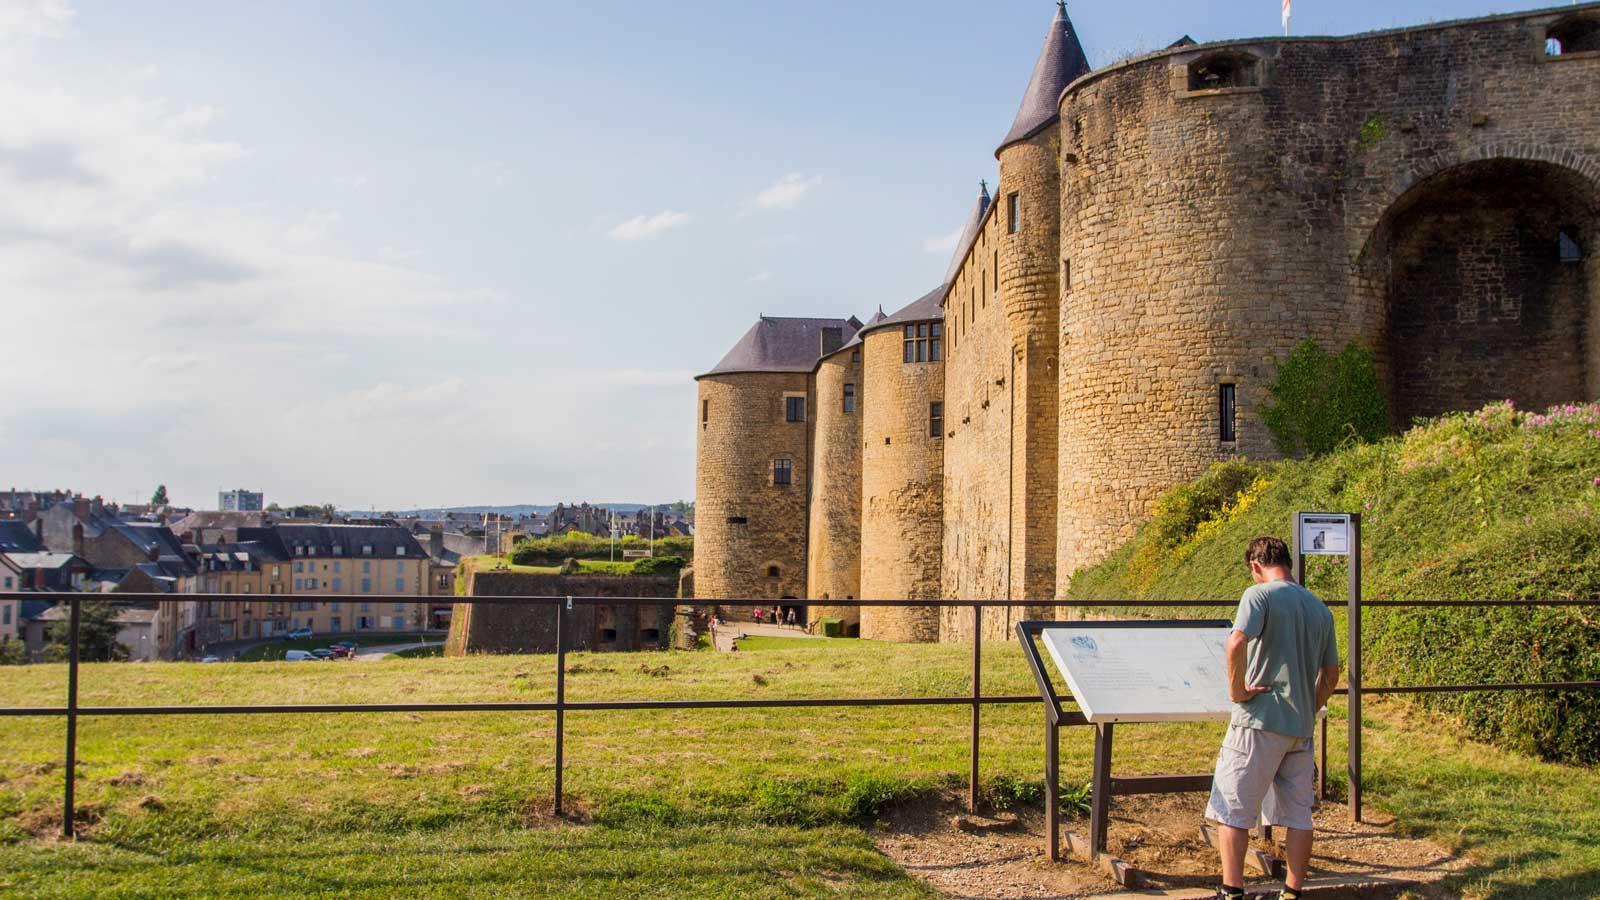 La forteresse château de Sedan